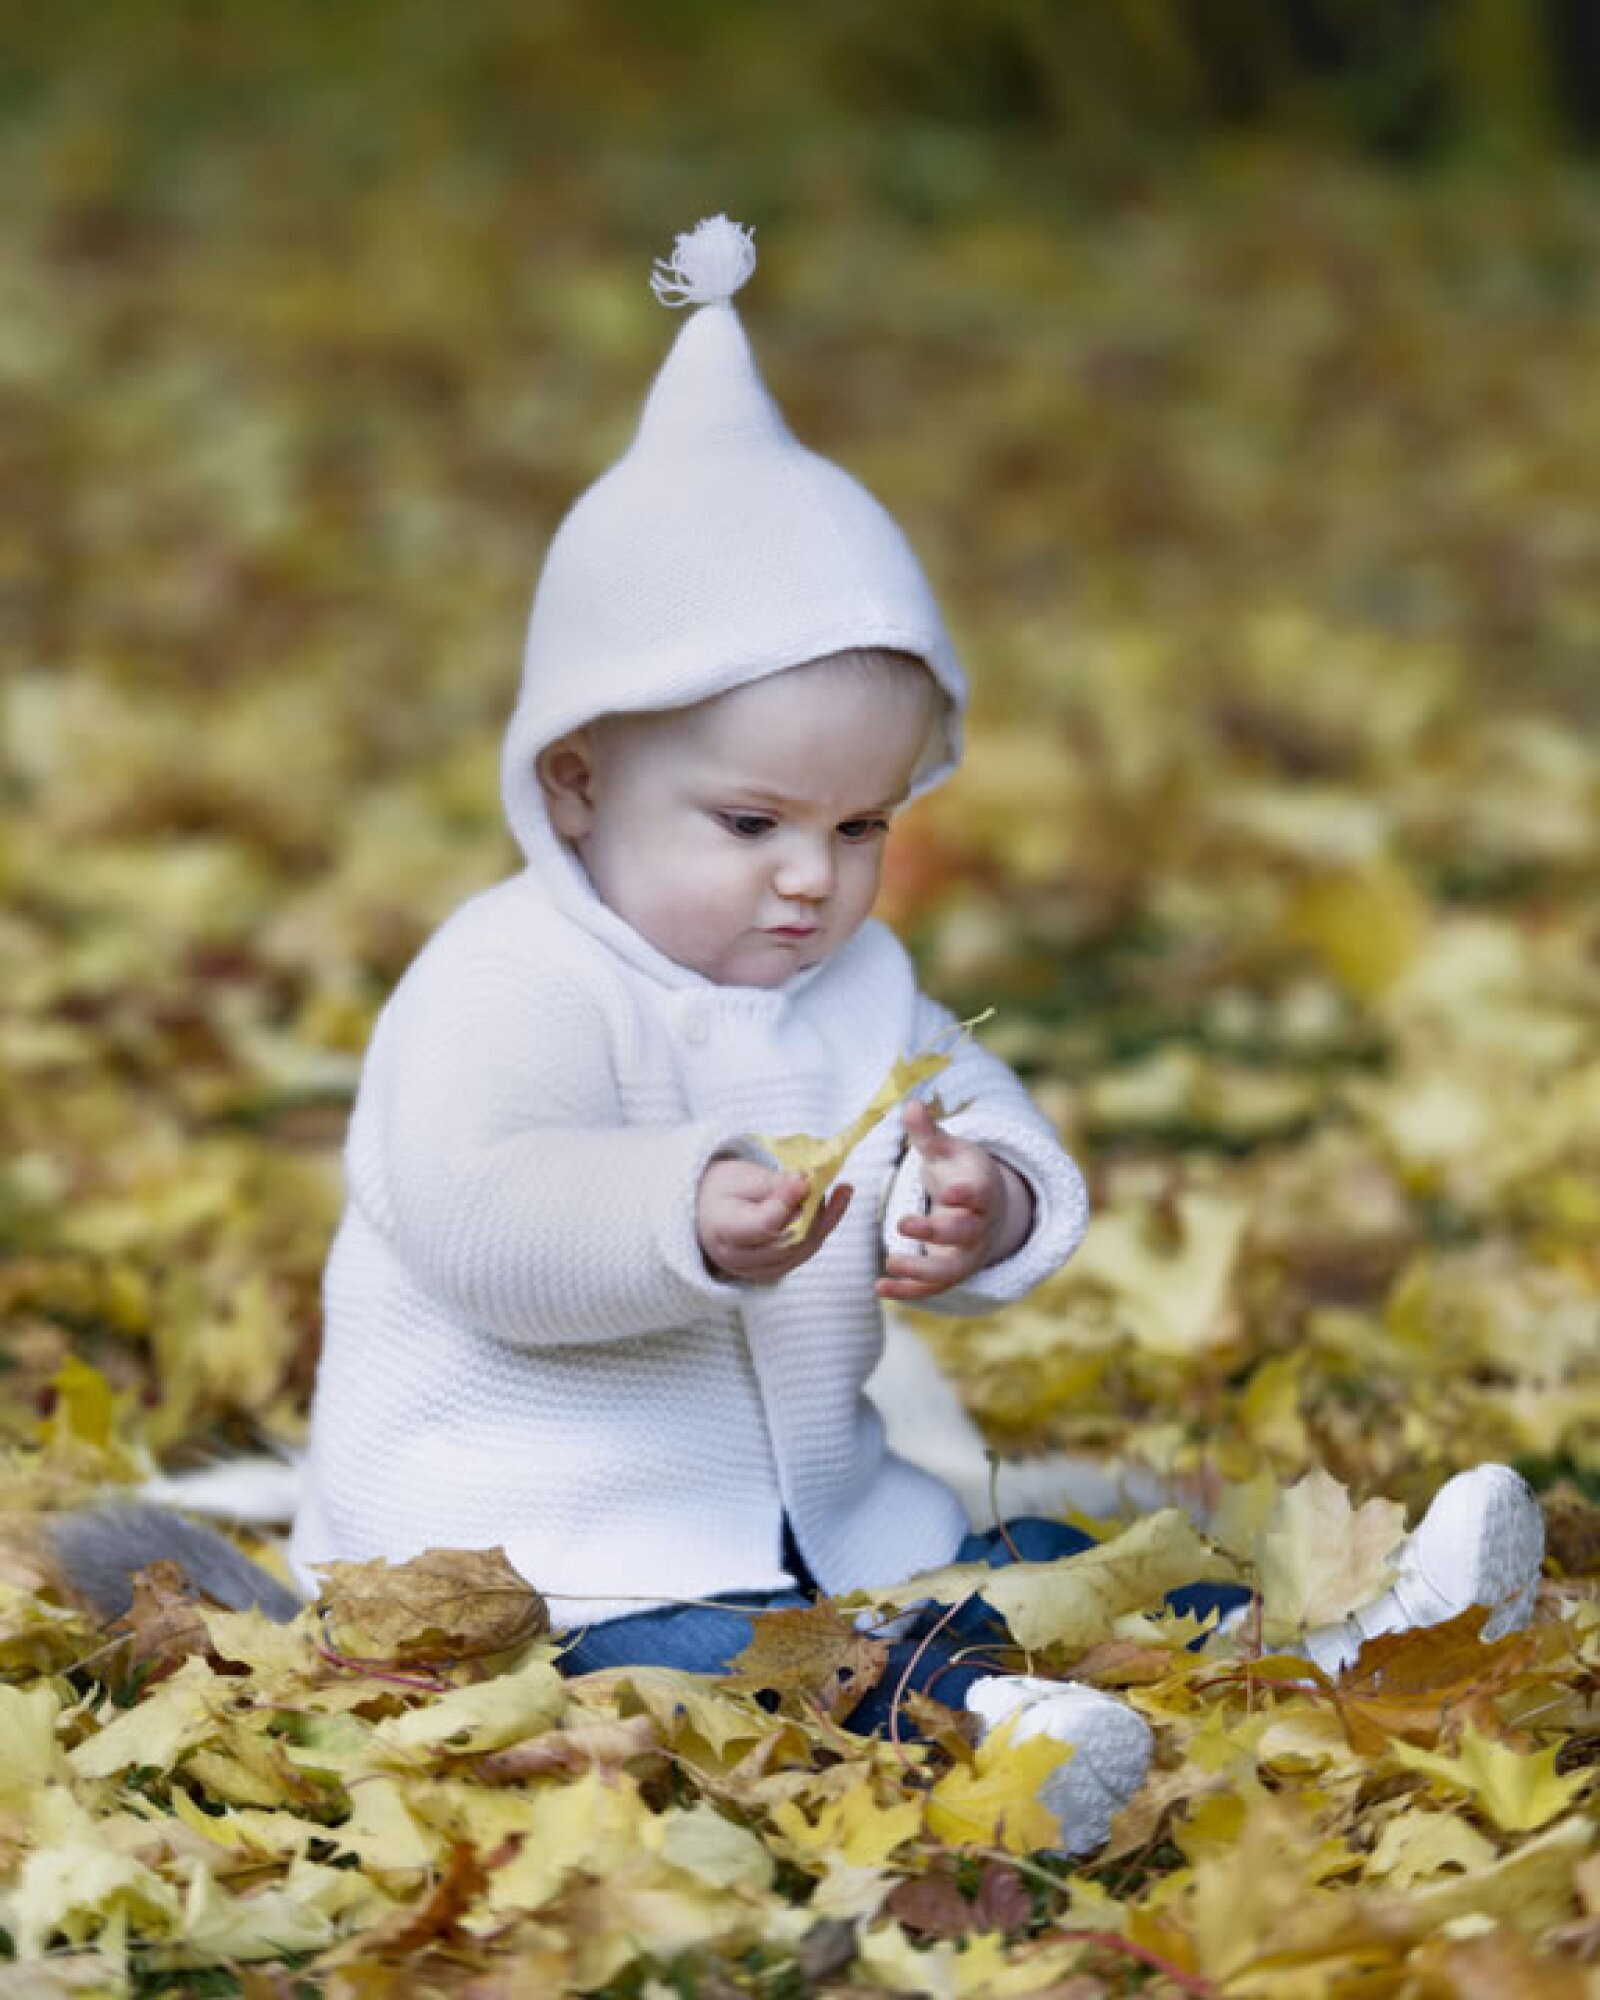 La bebé recibe tratamiento de Su Alteza Real.